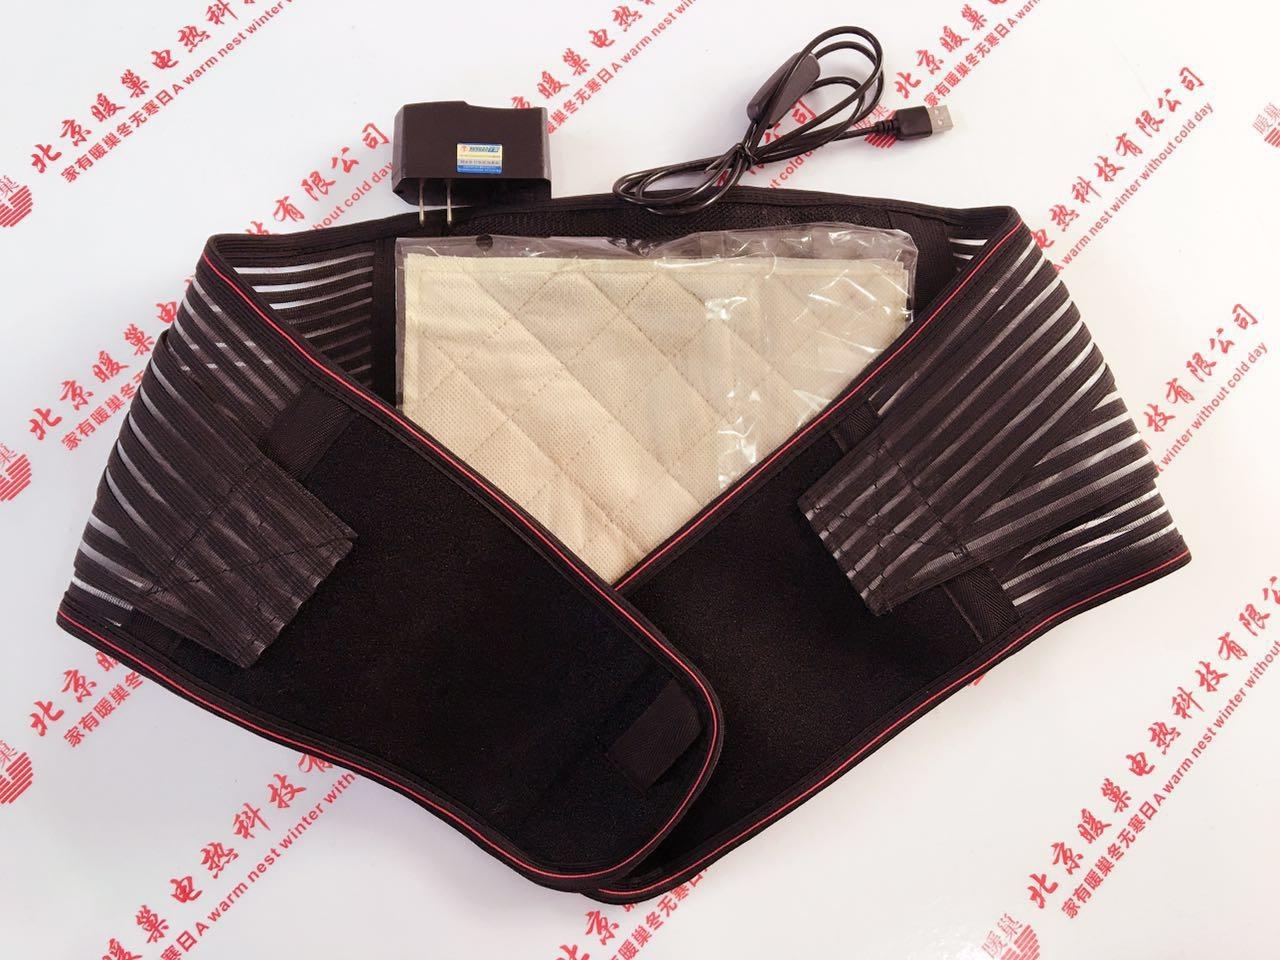 碳纤维腰带厂家电话,发热腰带